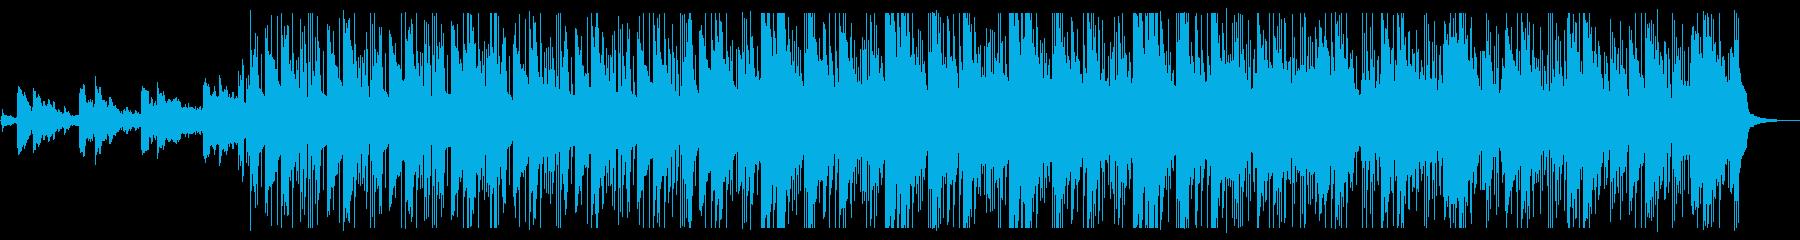 ピアノが美しい夜のスムースジャズの再生済みの波形